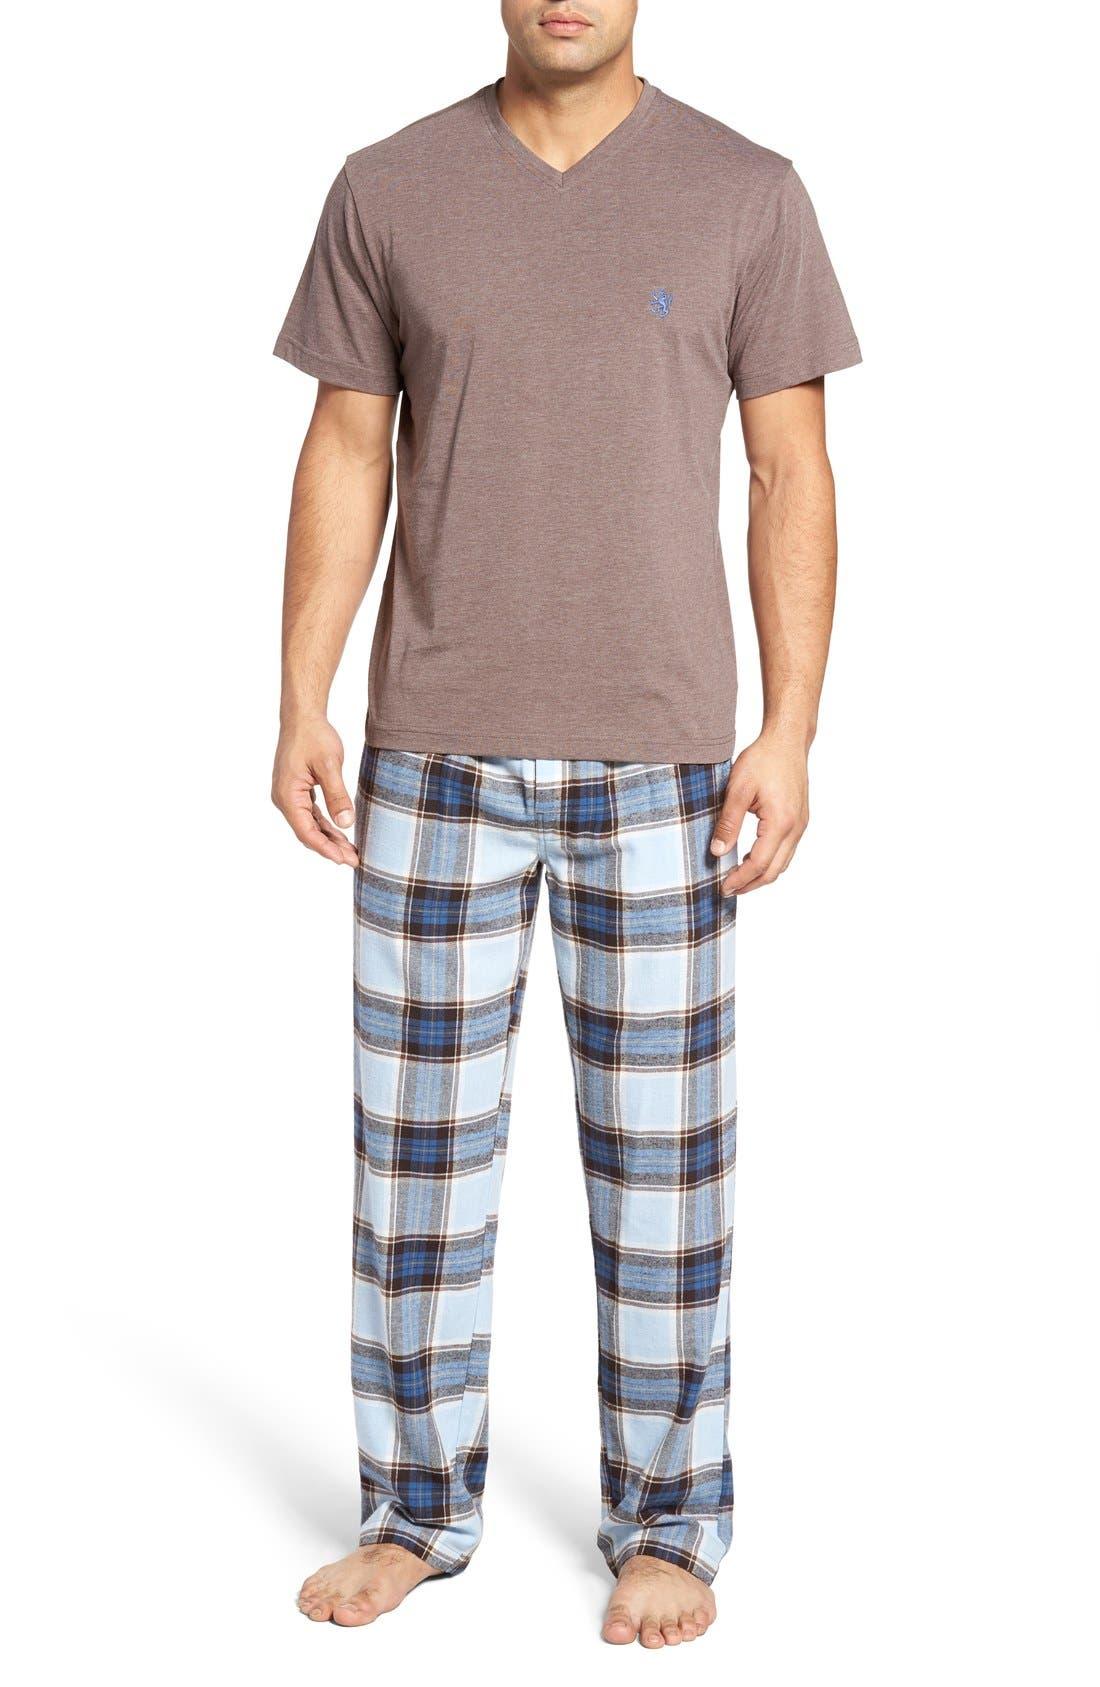 Main Image - Majestic International T-Shirt & Lounge Pants